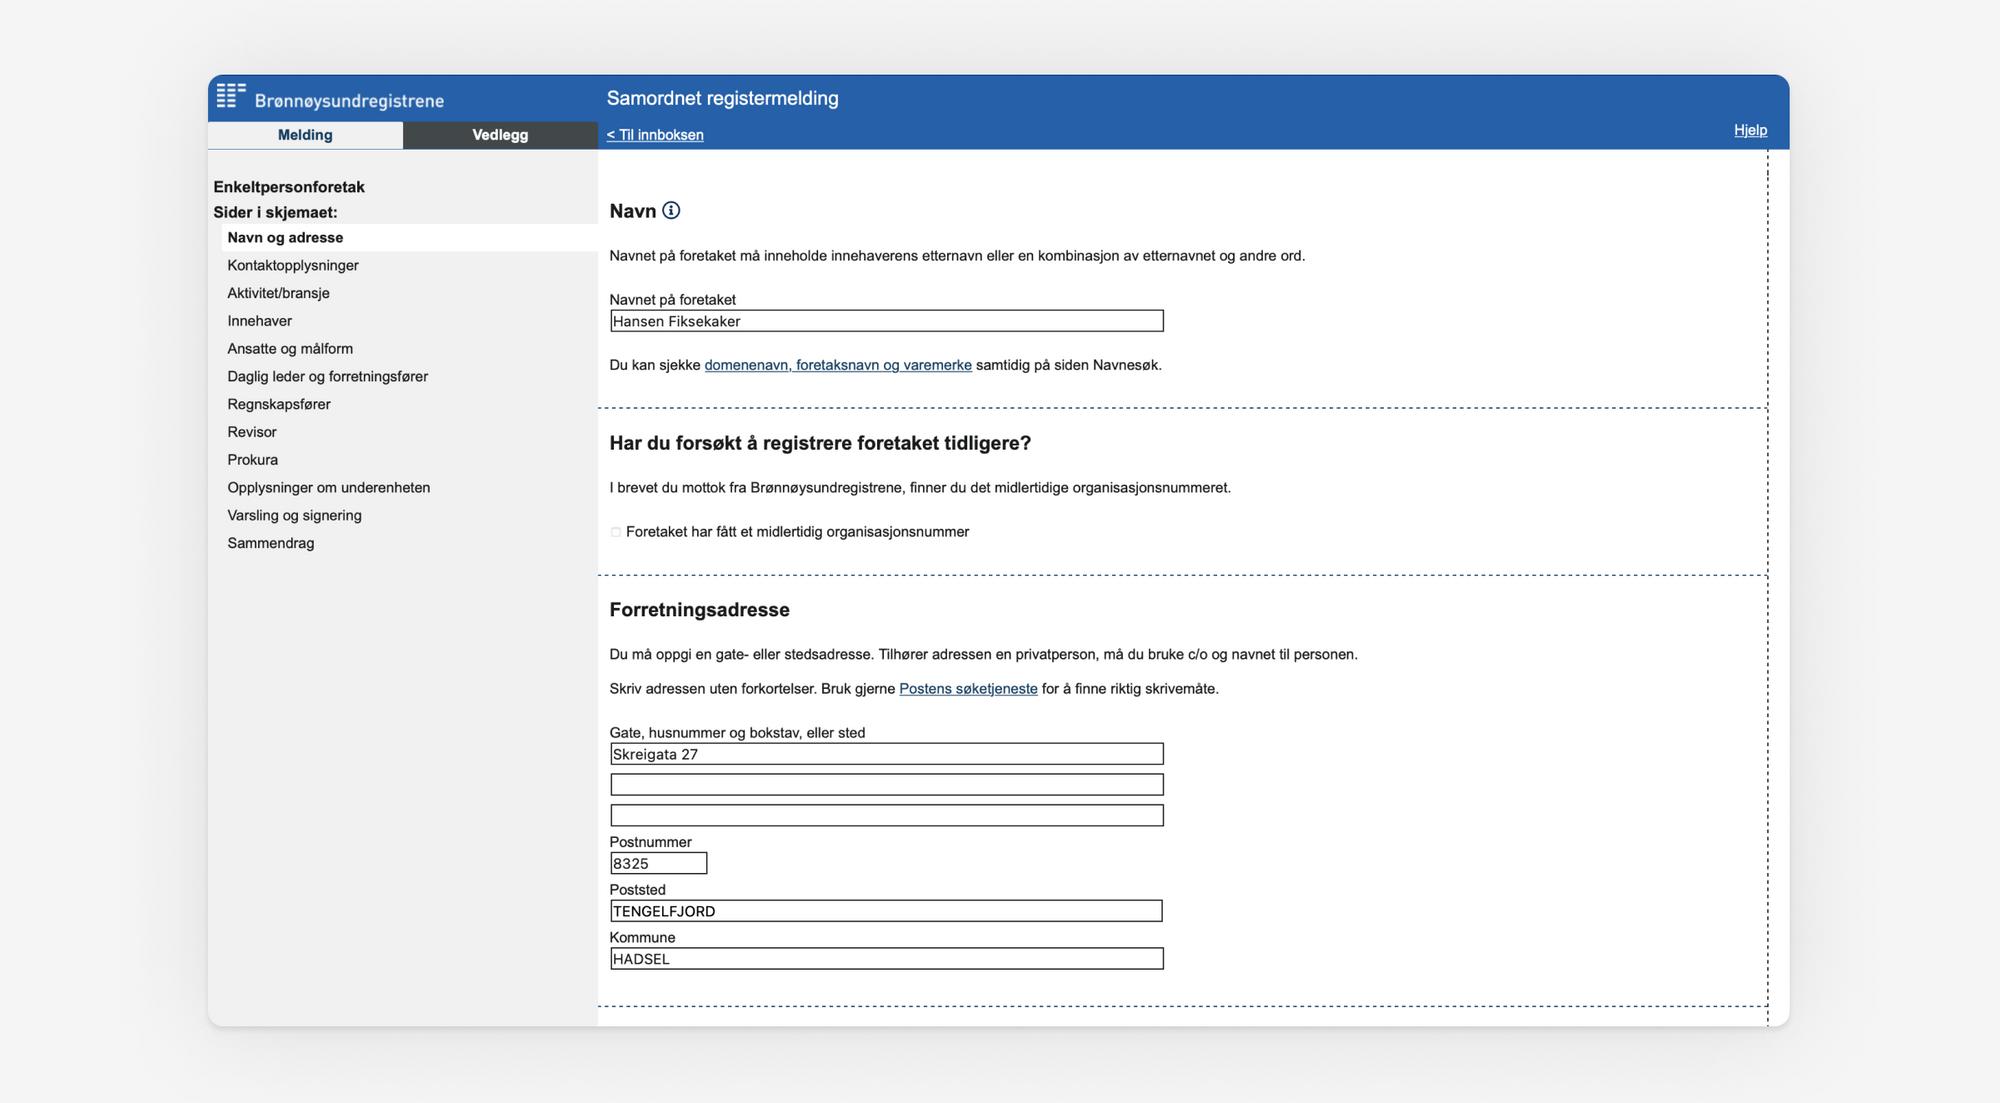 Skjermbilde som viser utfylling av navn og adresse i Samordnet registermelding